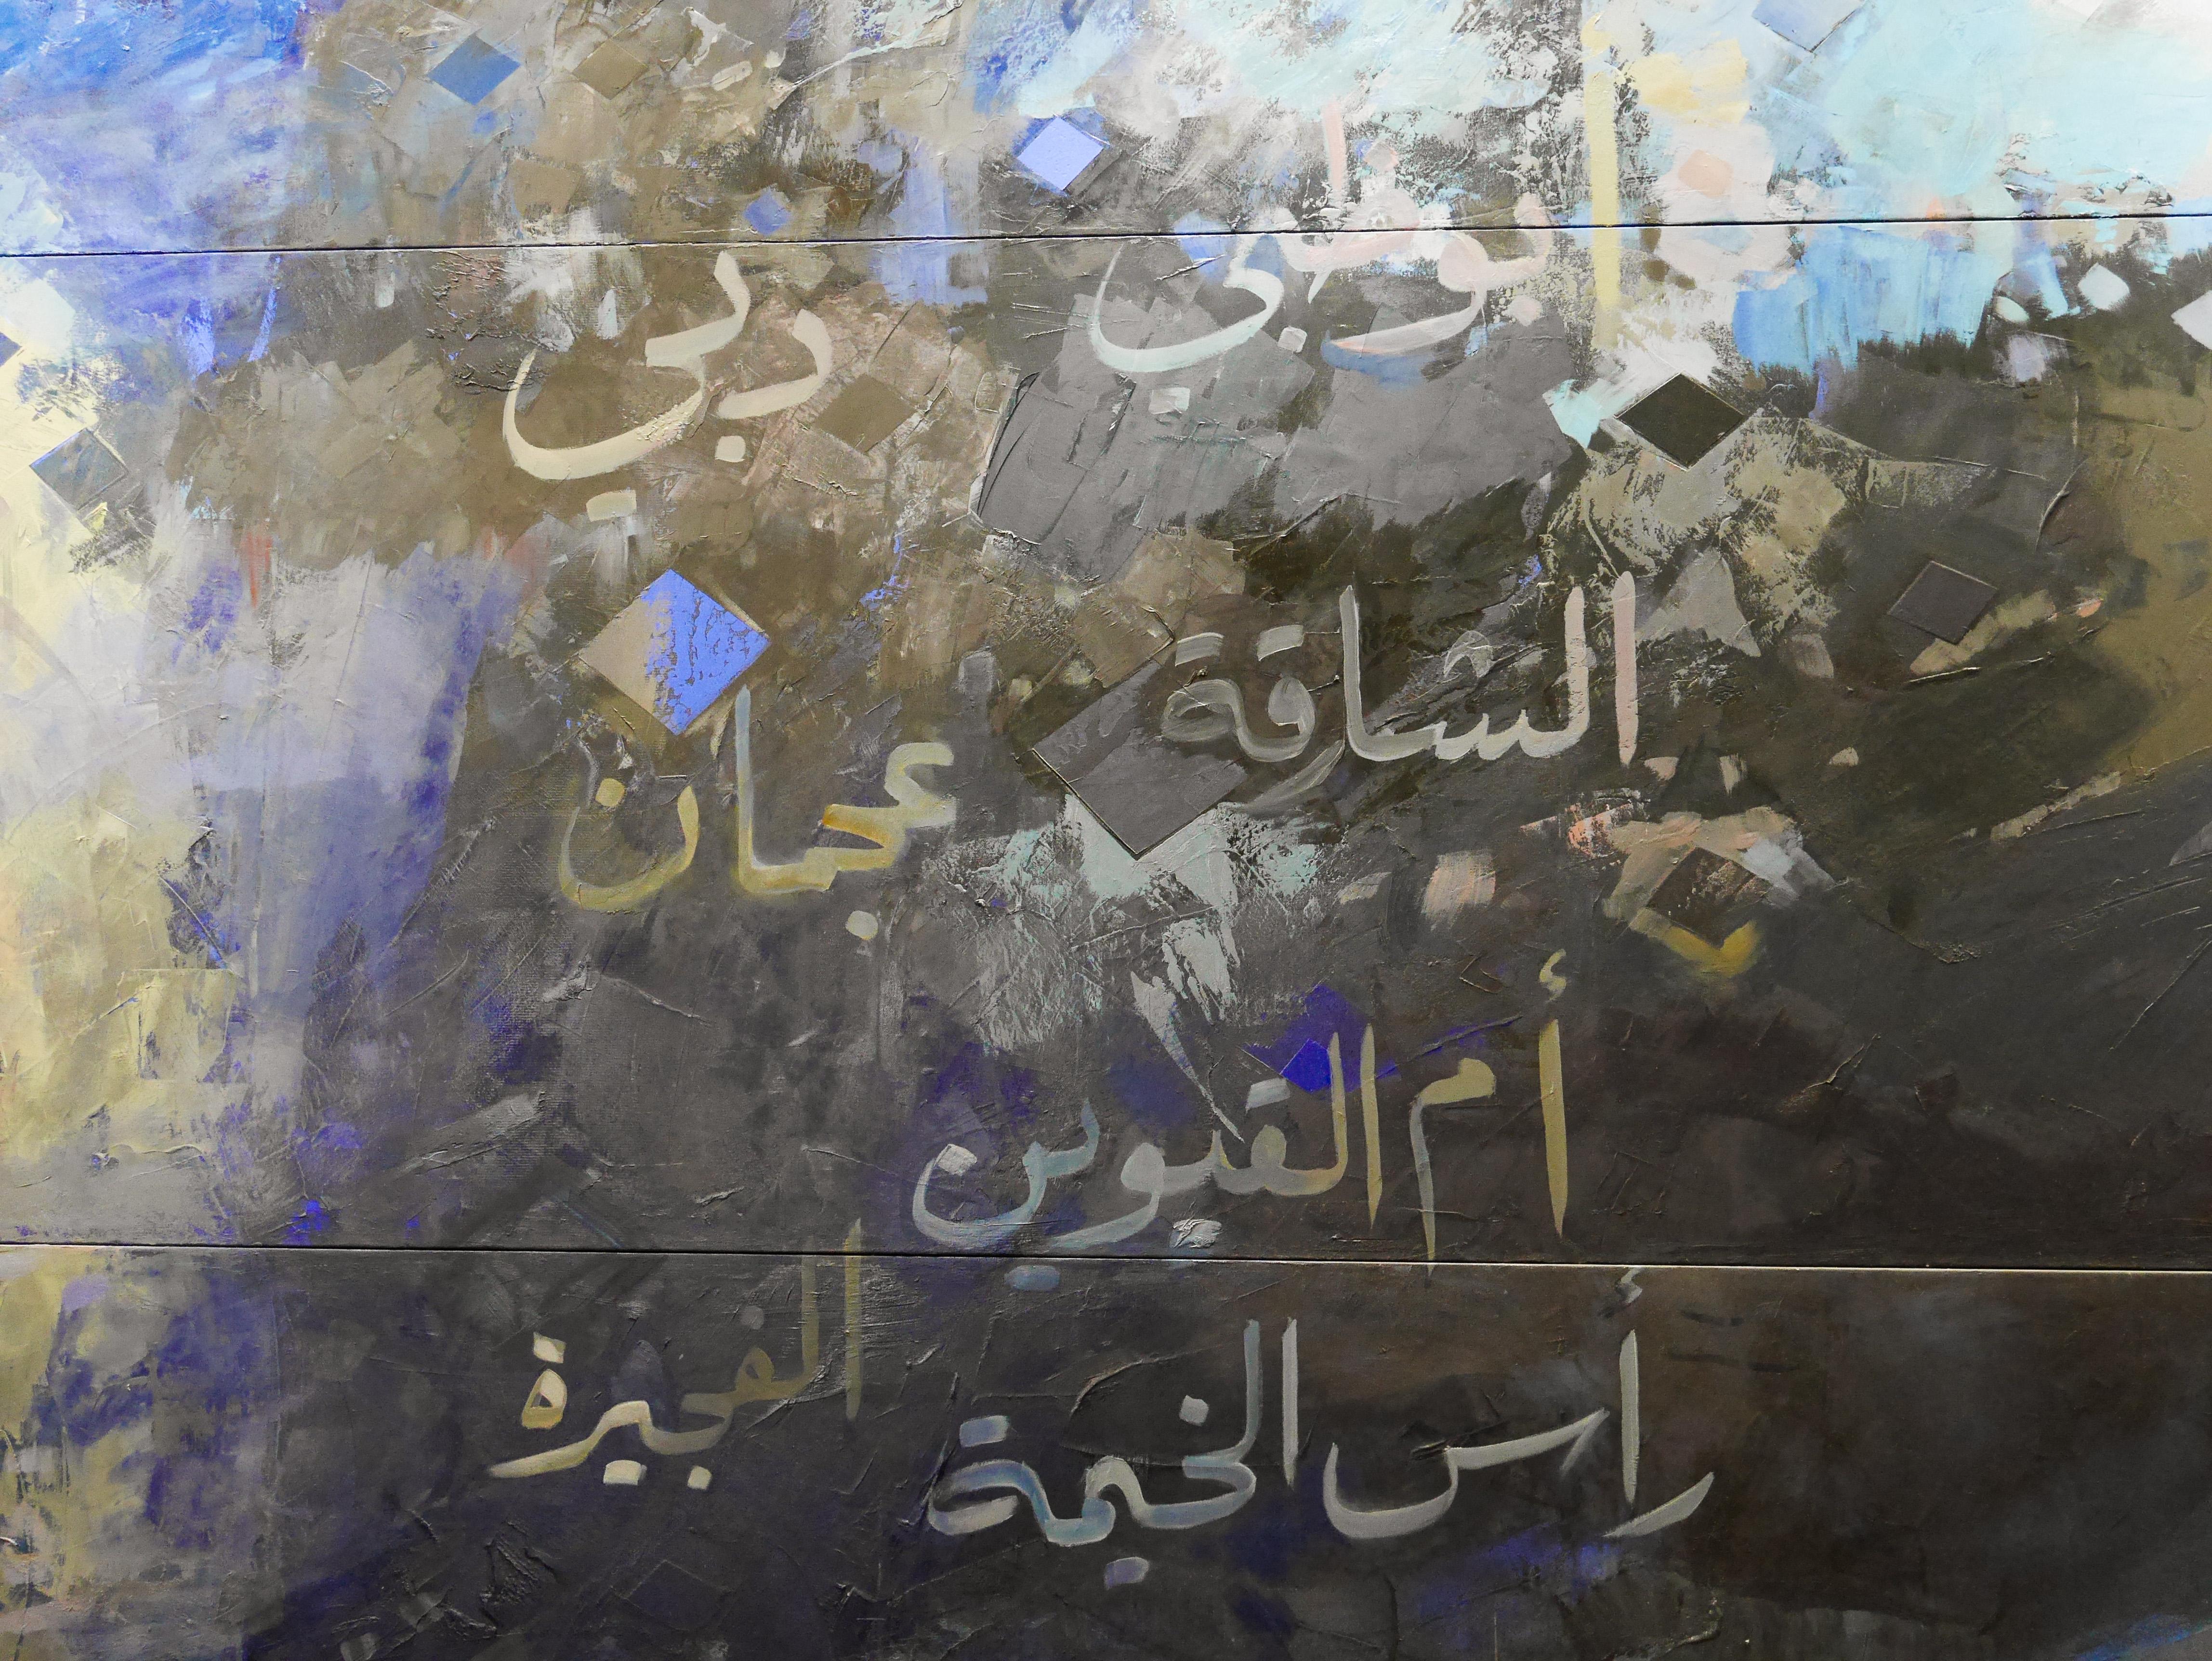 Como Puedo Escribir Mi Nombre En Arabe En Facebook siete datos curiosos del árabe que lo hacen un idioma único